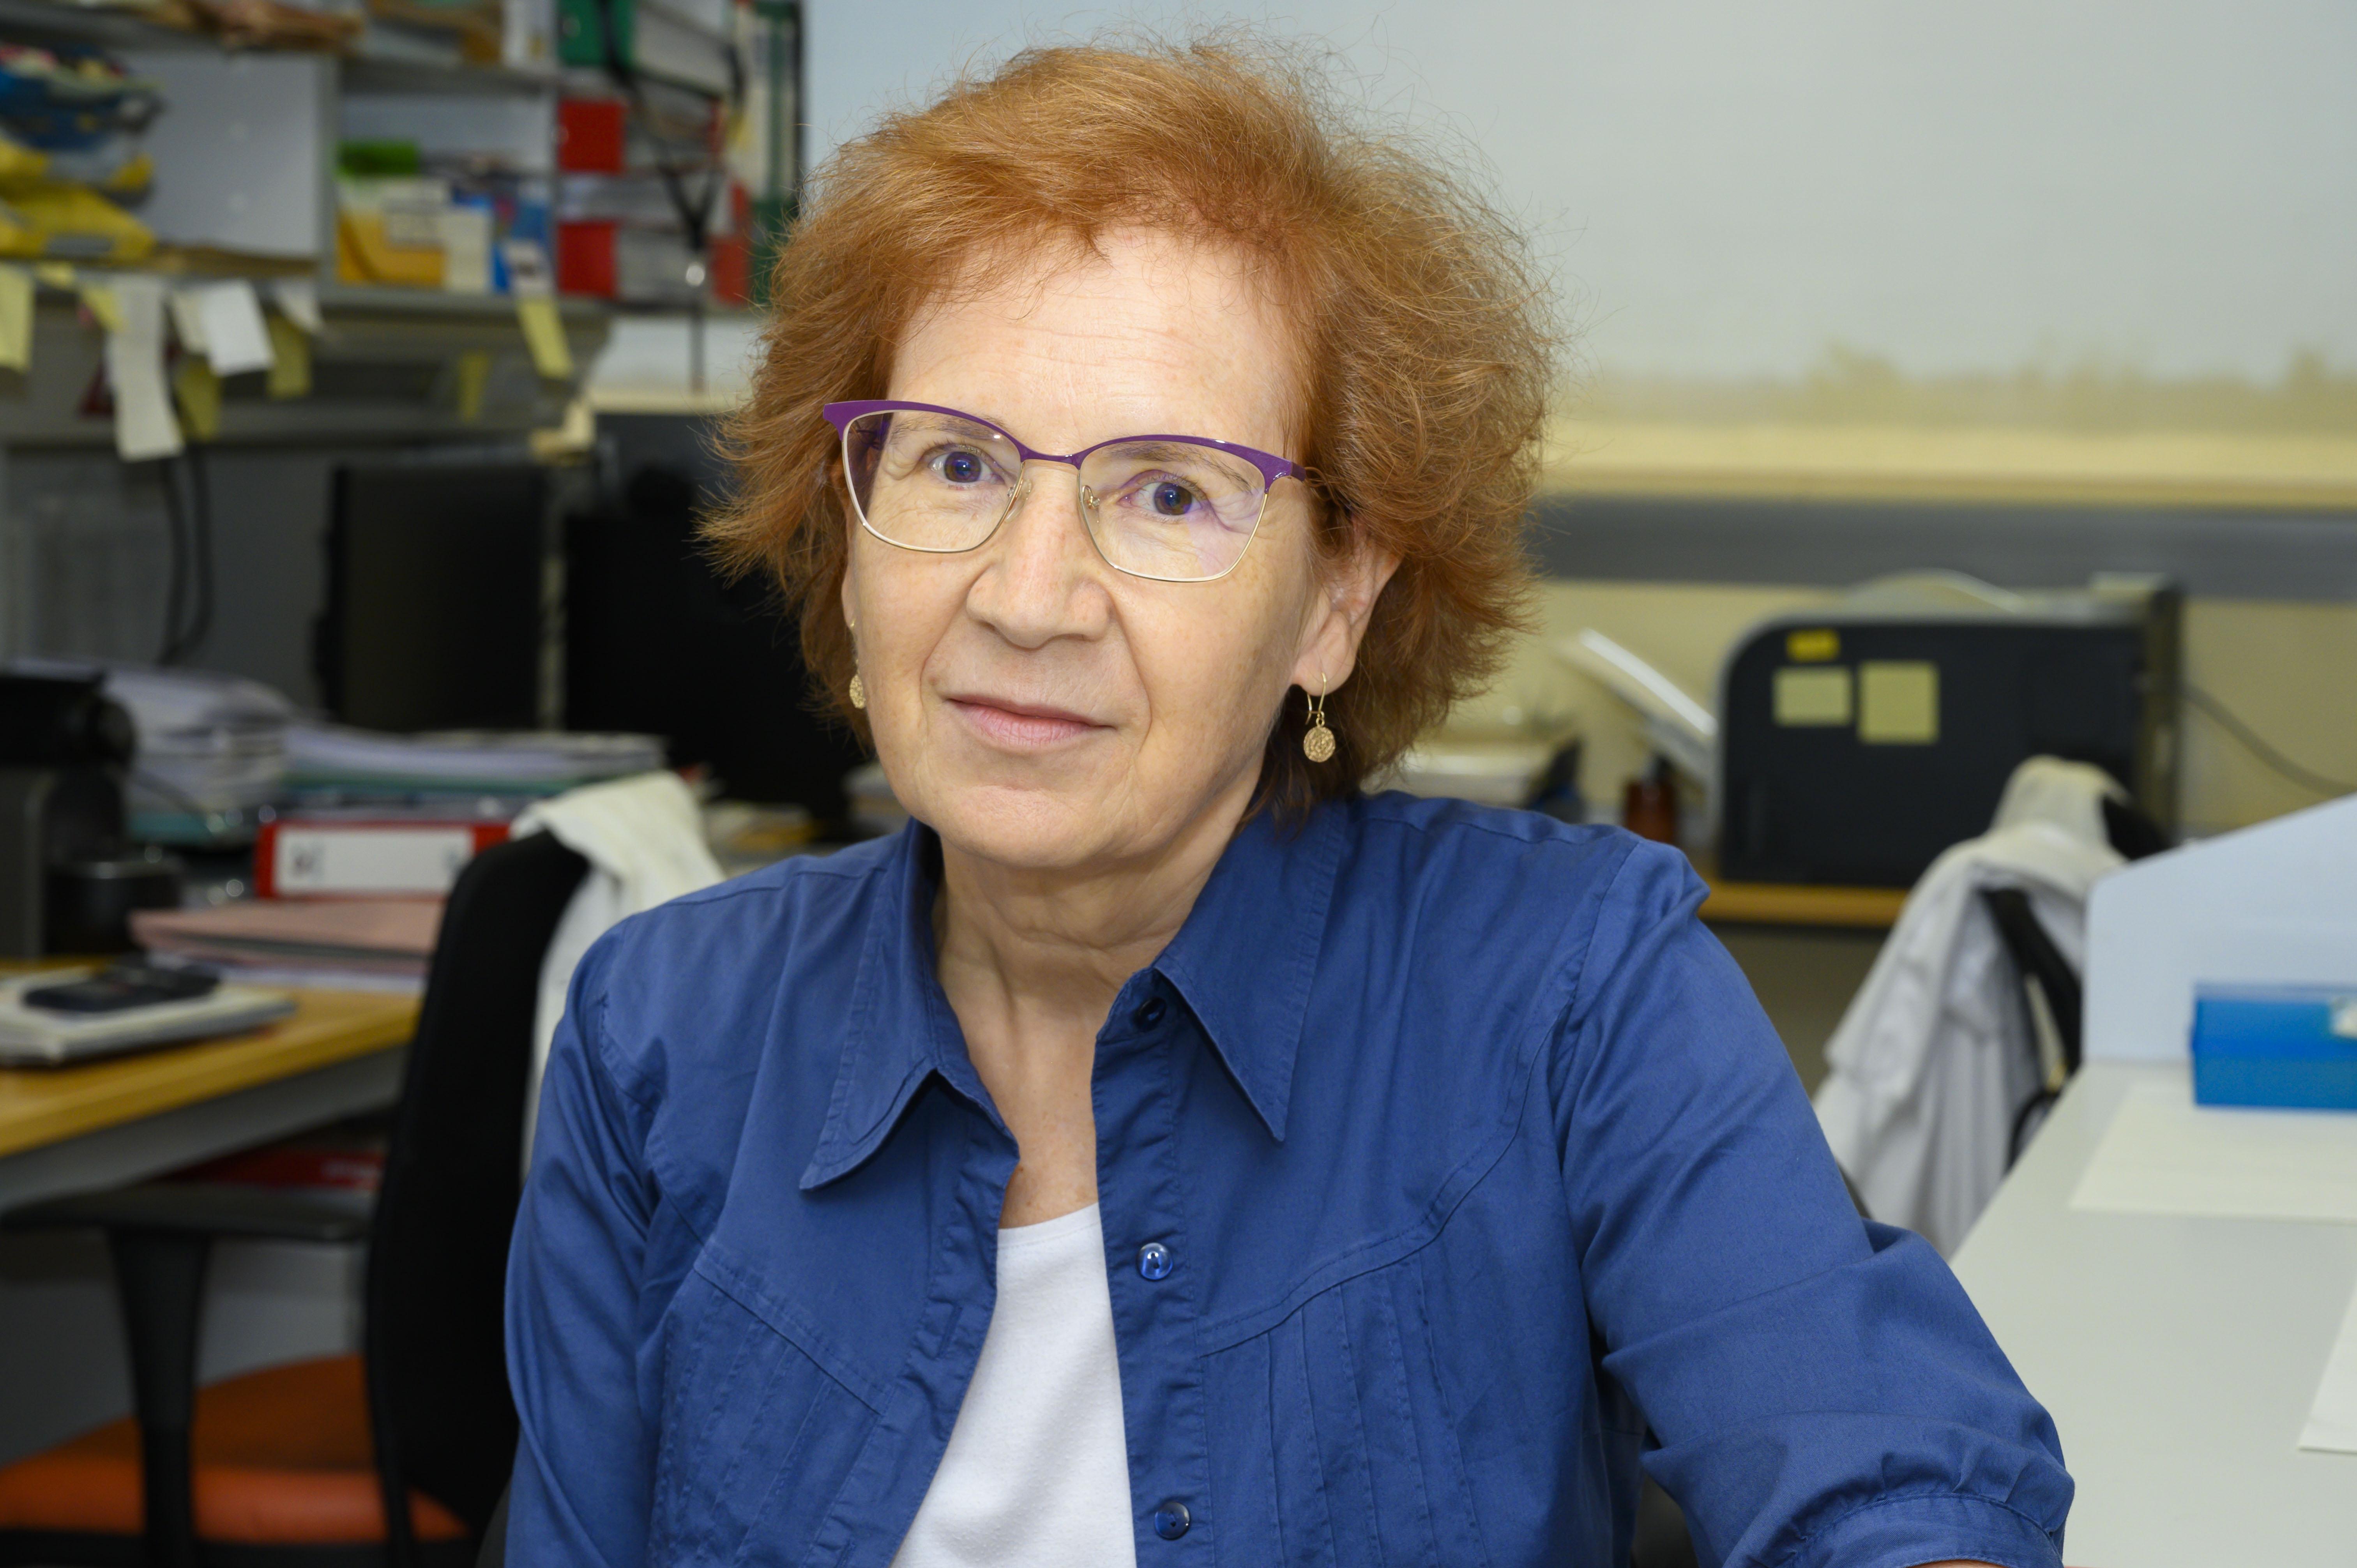 imagen de La viróloga e inmunóloga del CSIC Margarita del Val, coordinadora de la Plataforma Salud Global del CSIC. / César Hernández CSIC Comunicación